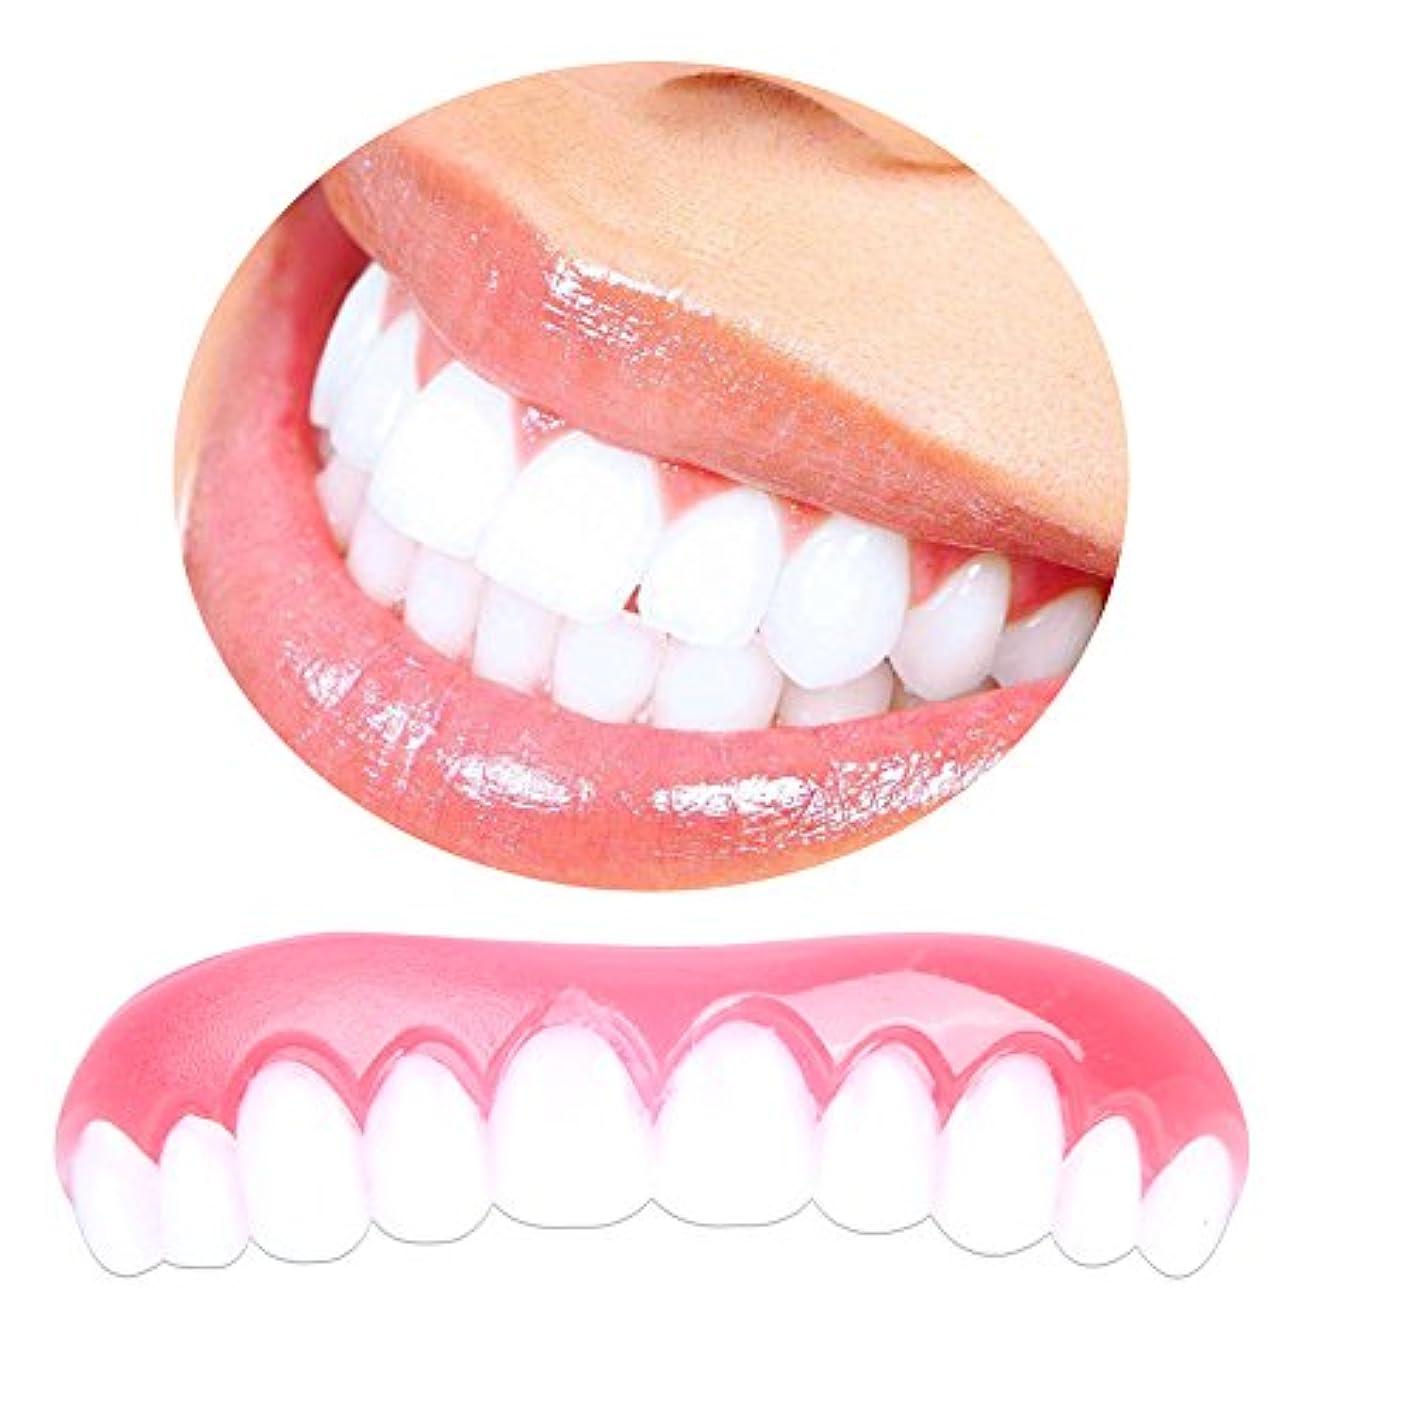 校長マインドフル硬さコンフォートフィットフレックス化粧品歯パーフェクトスマイルベニアダブの歯の矯正用ダブ歯用ホワイトパーフェクトスマイルベニア歯のホワイトニング-2個